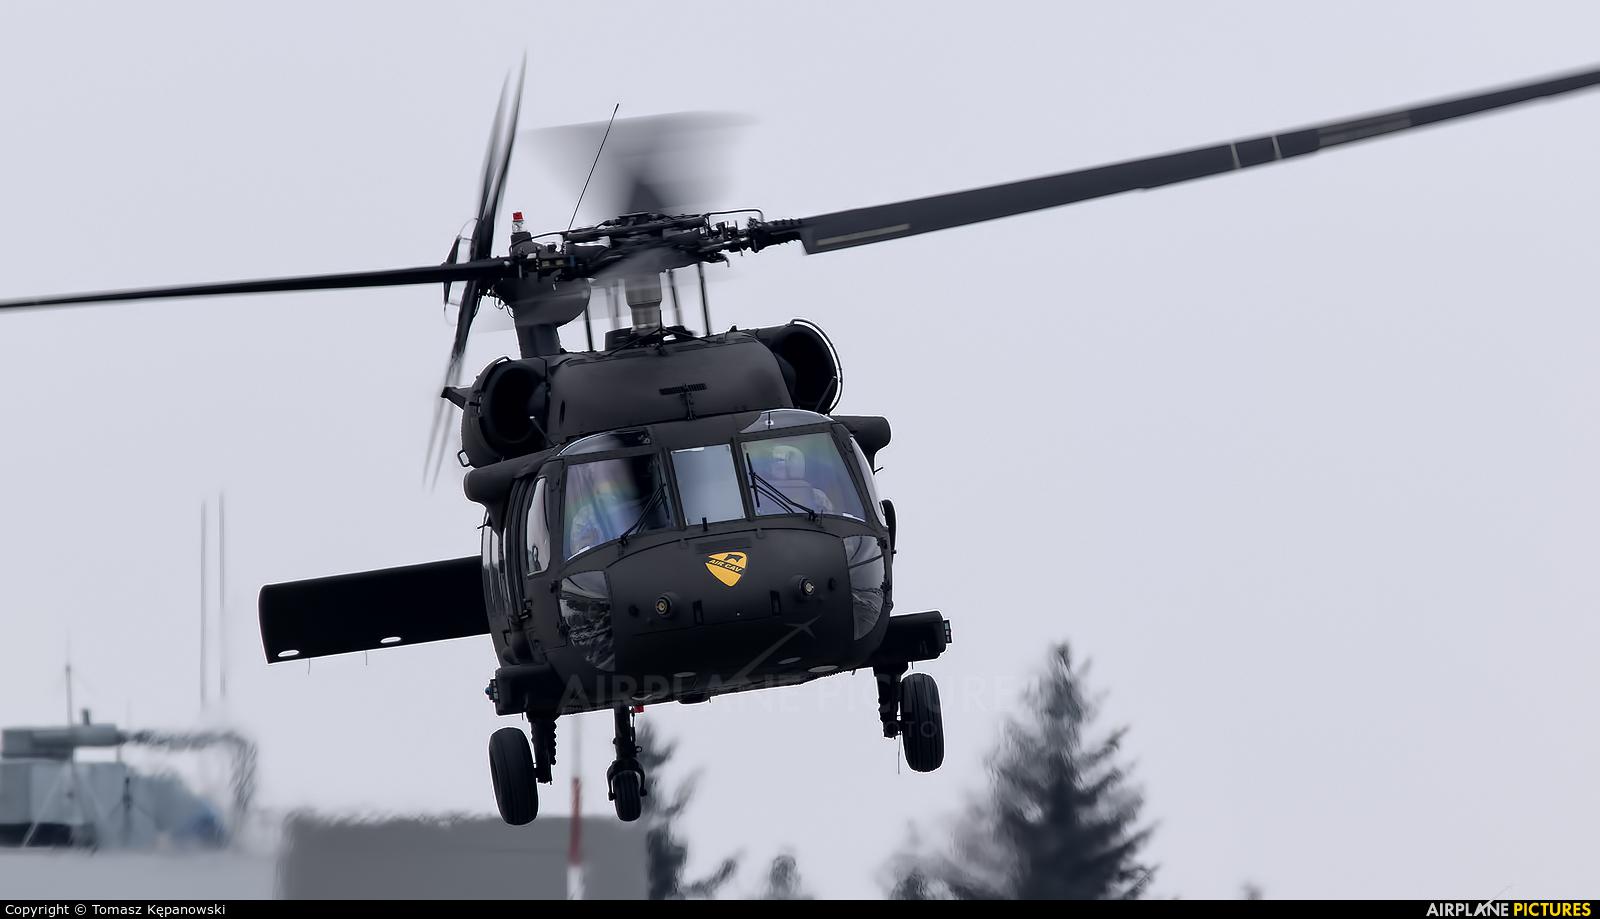 USA - Army 16-20832 aircraft at Rzeszów-Jasionka